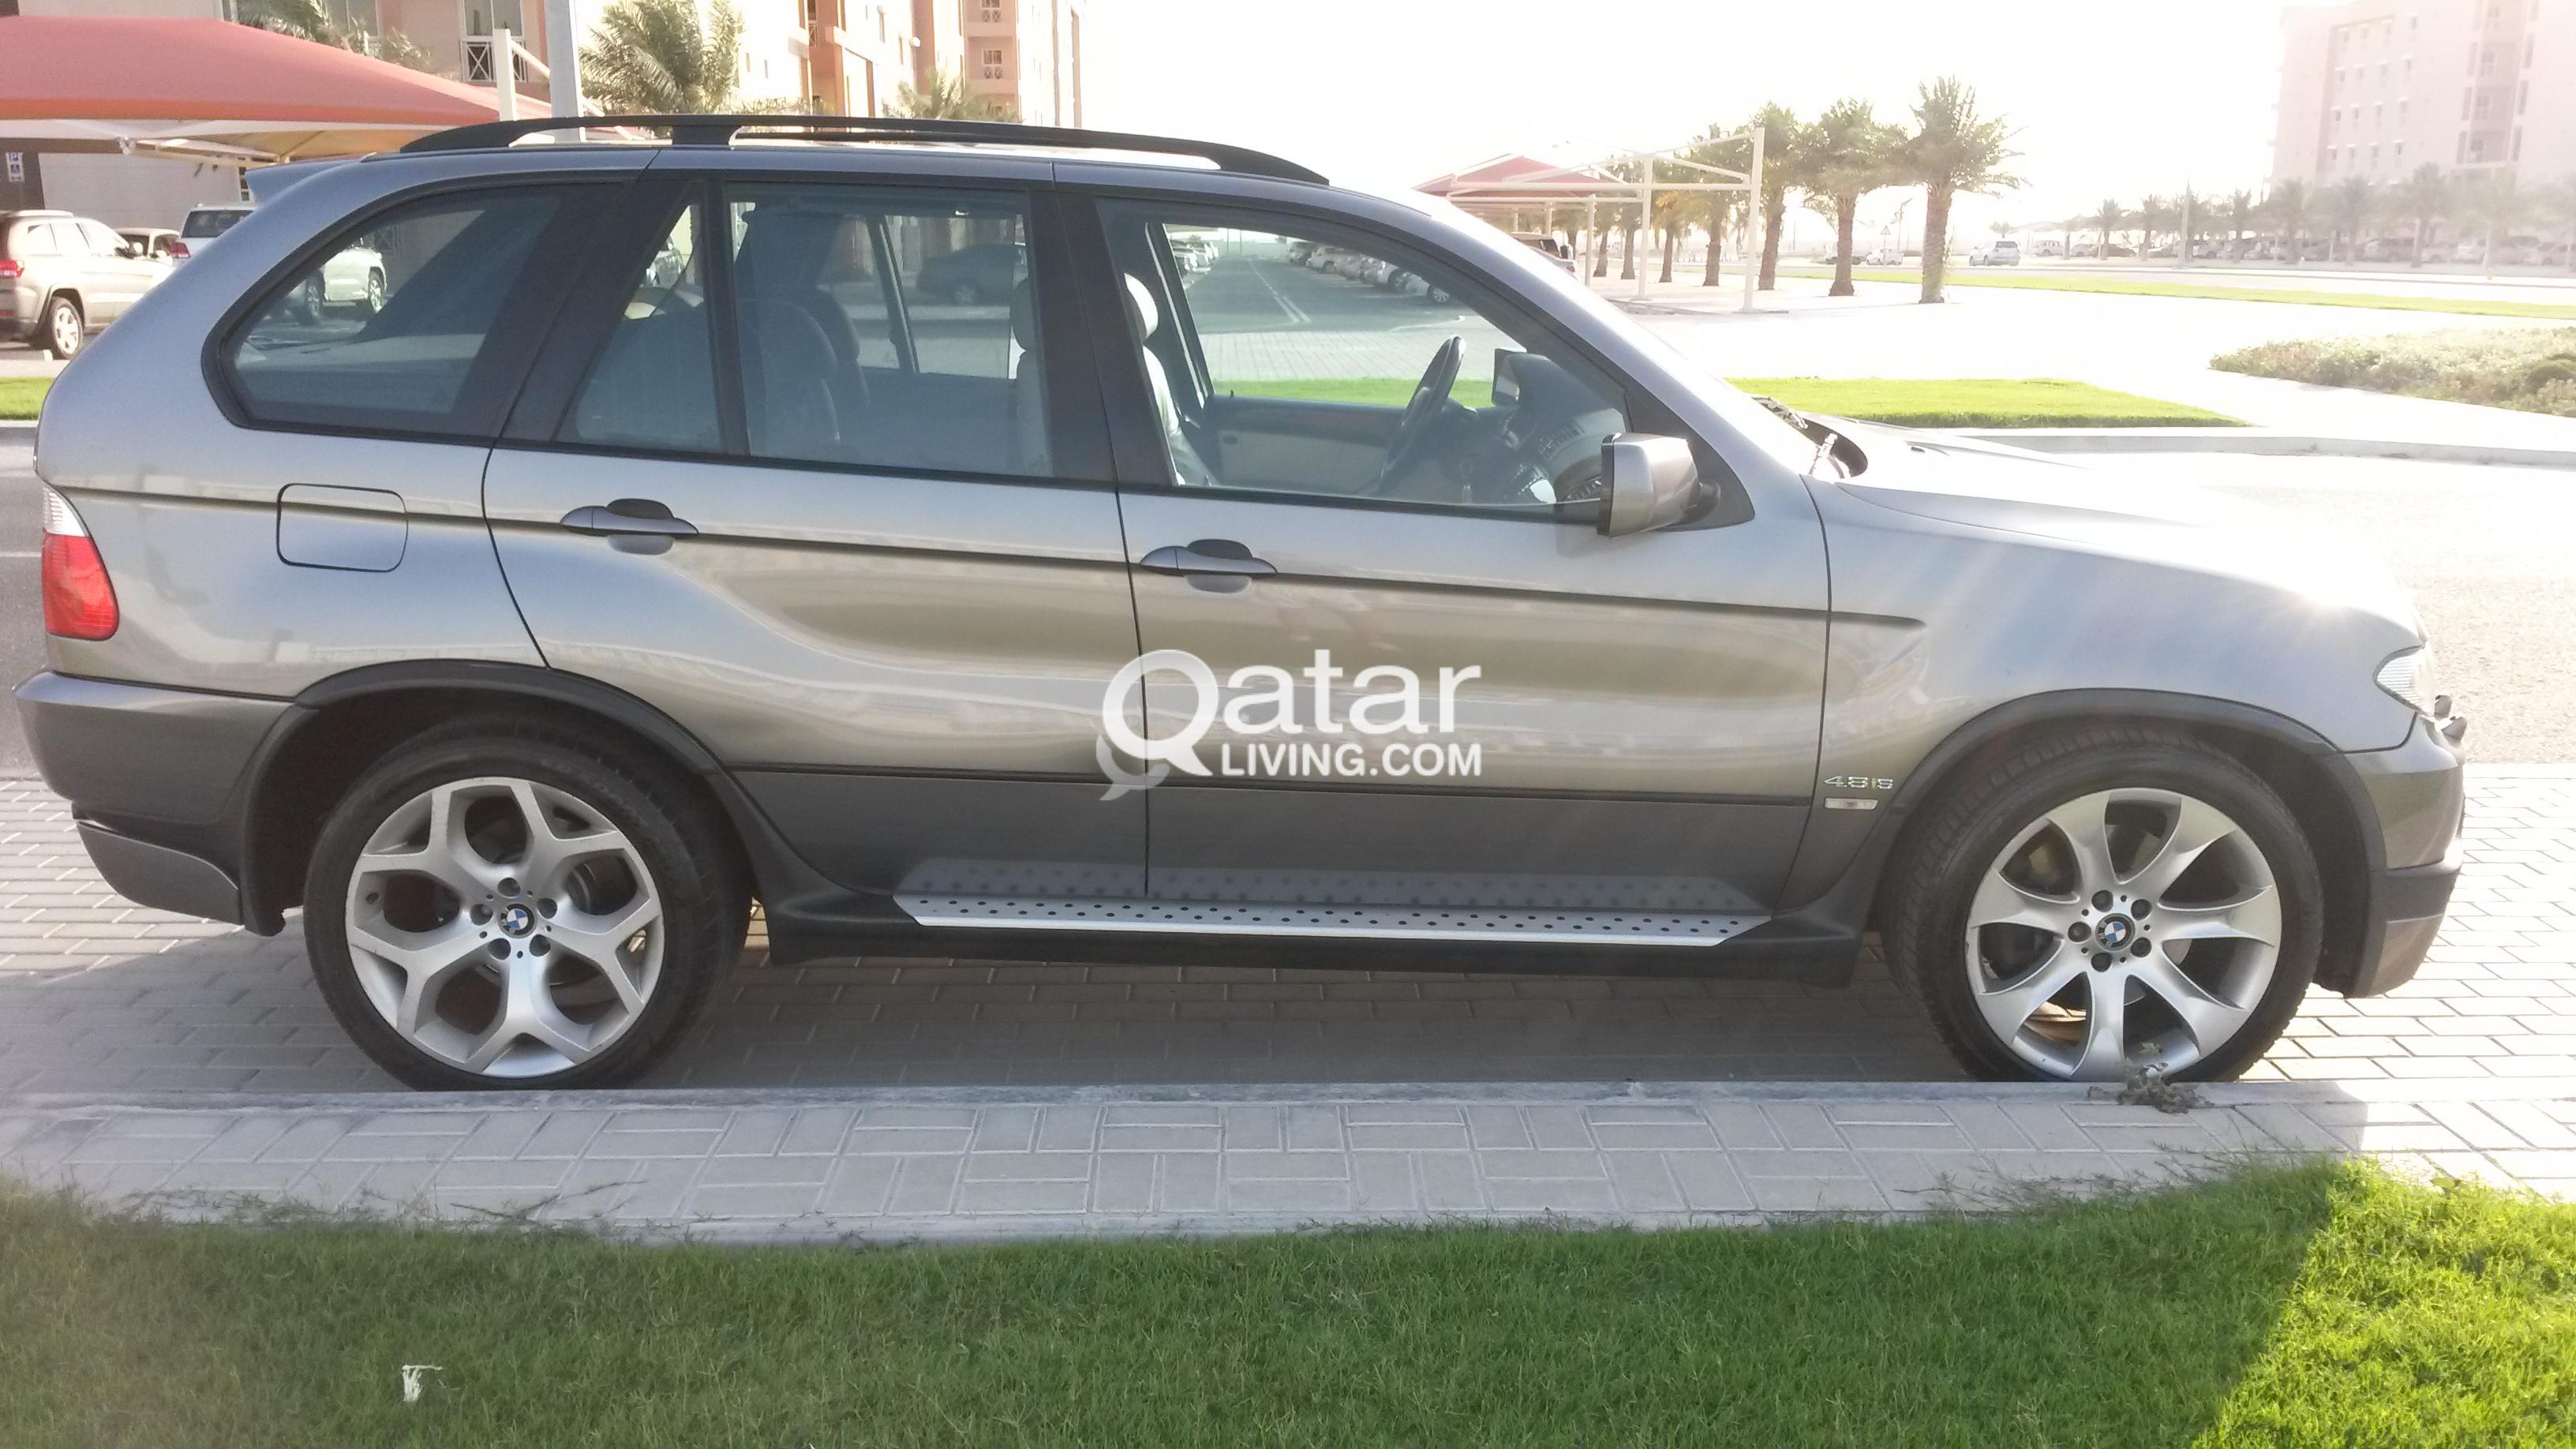 bmw x5 4.8is v8 2005   qatar living